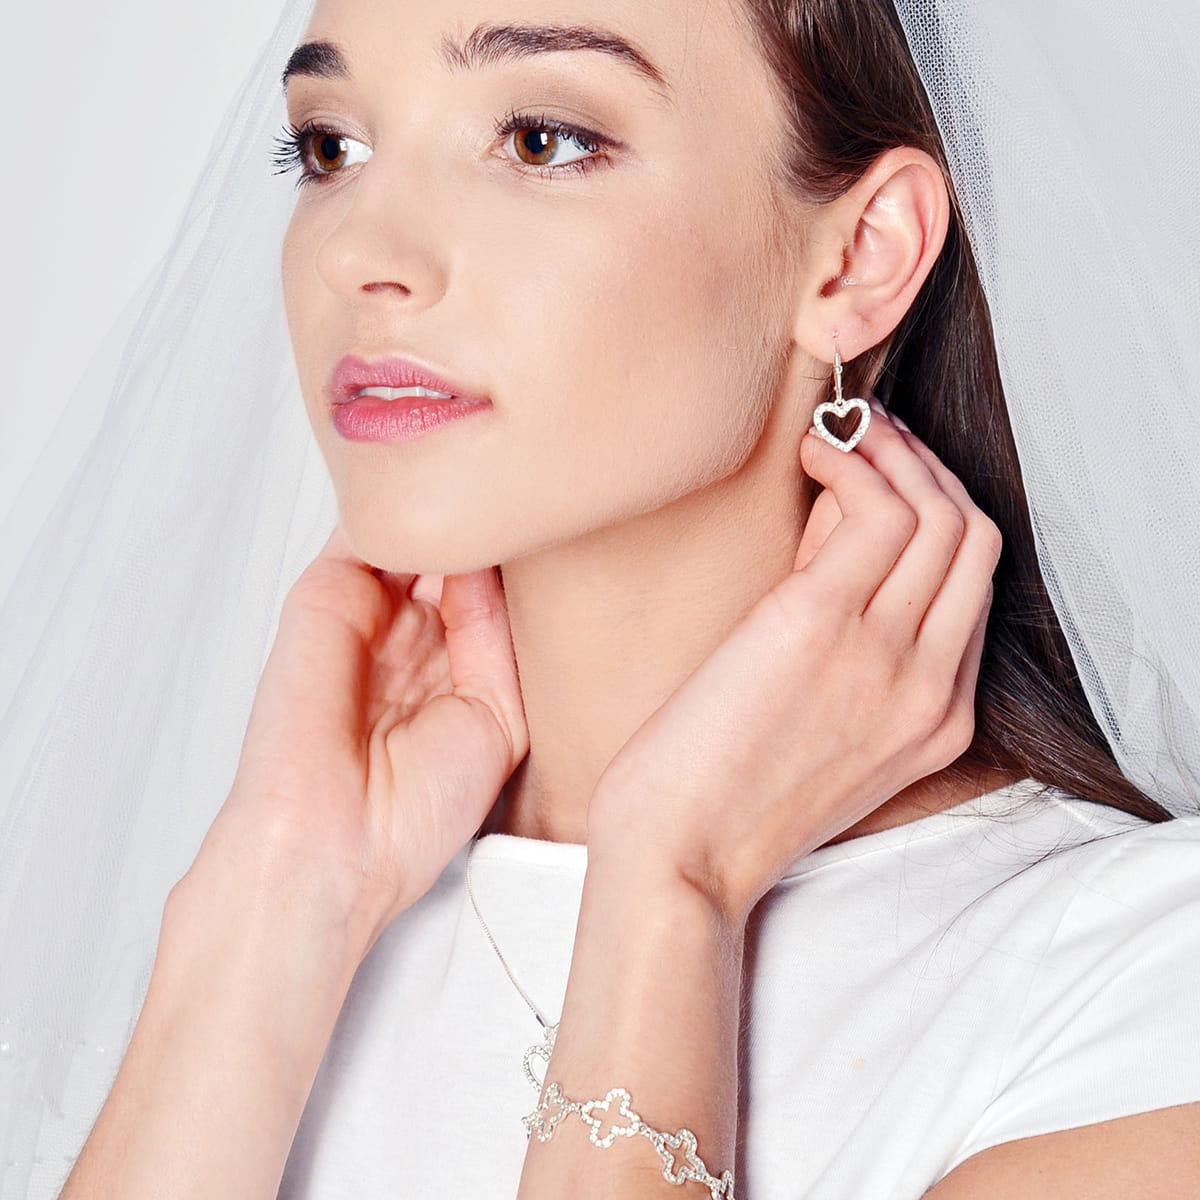 Na tropie biżuterii ślubnej. Oryginalne dodatki do kreacji Panny Młodej - Zdjęcie główne